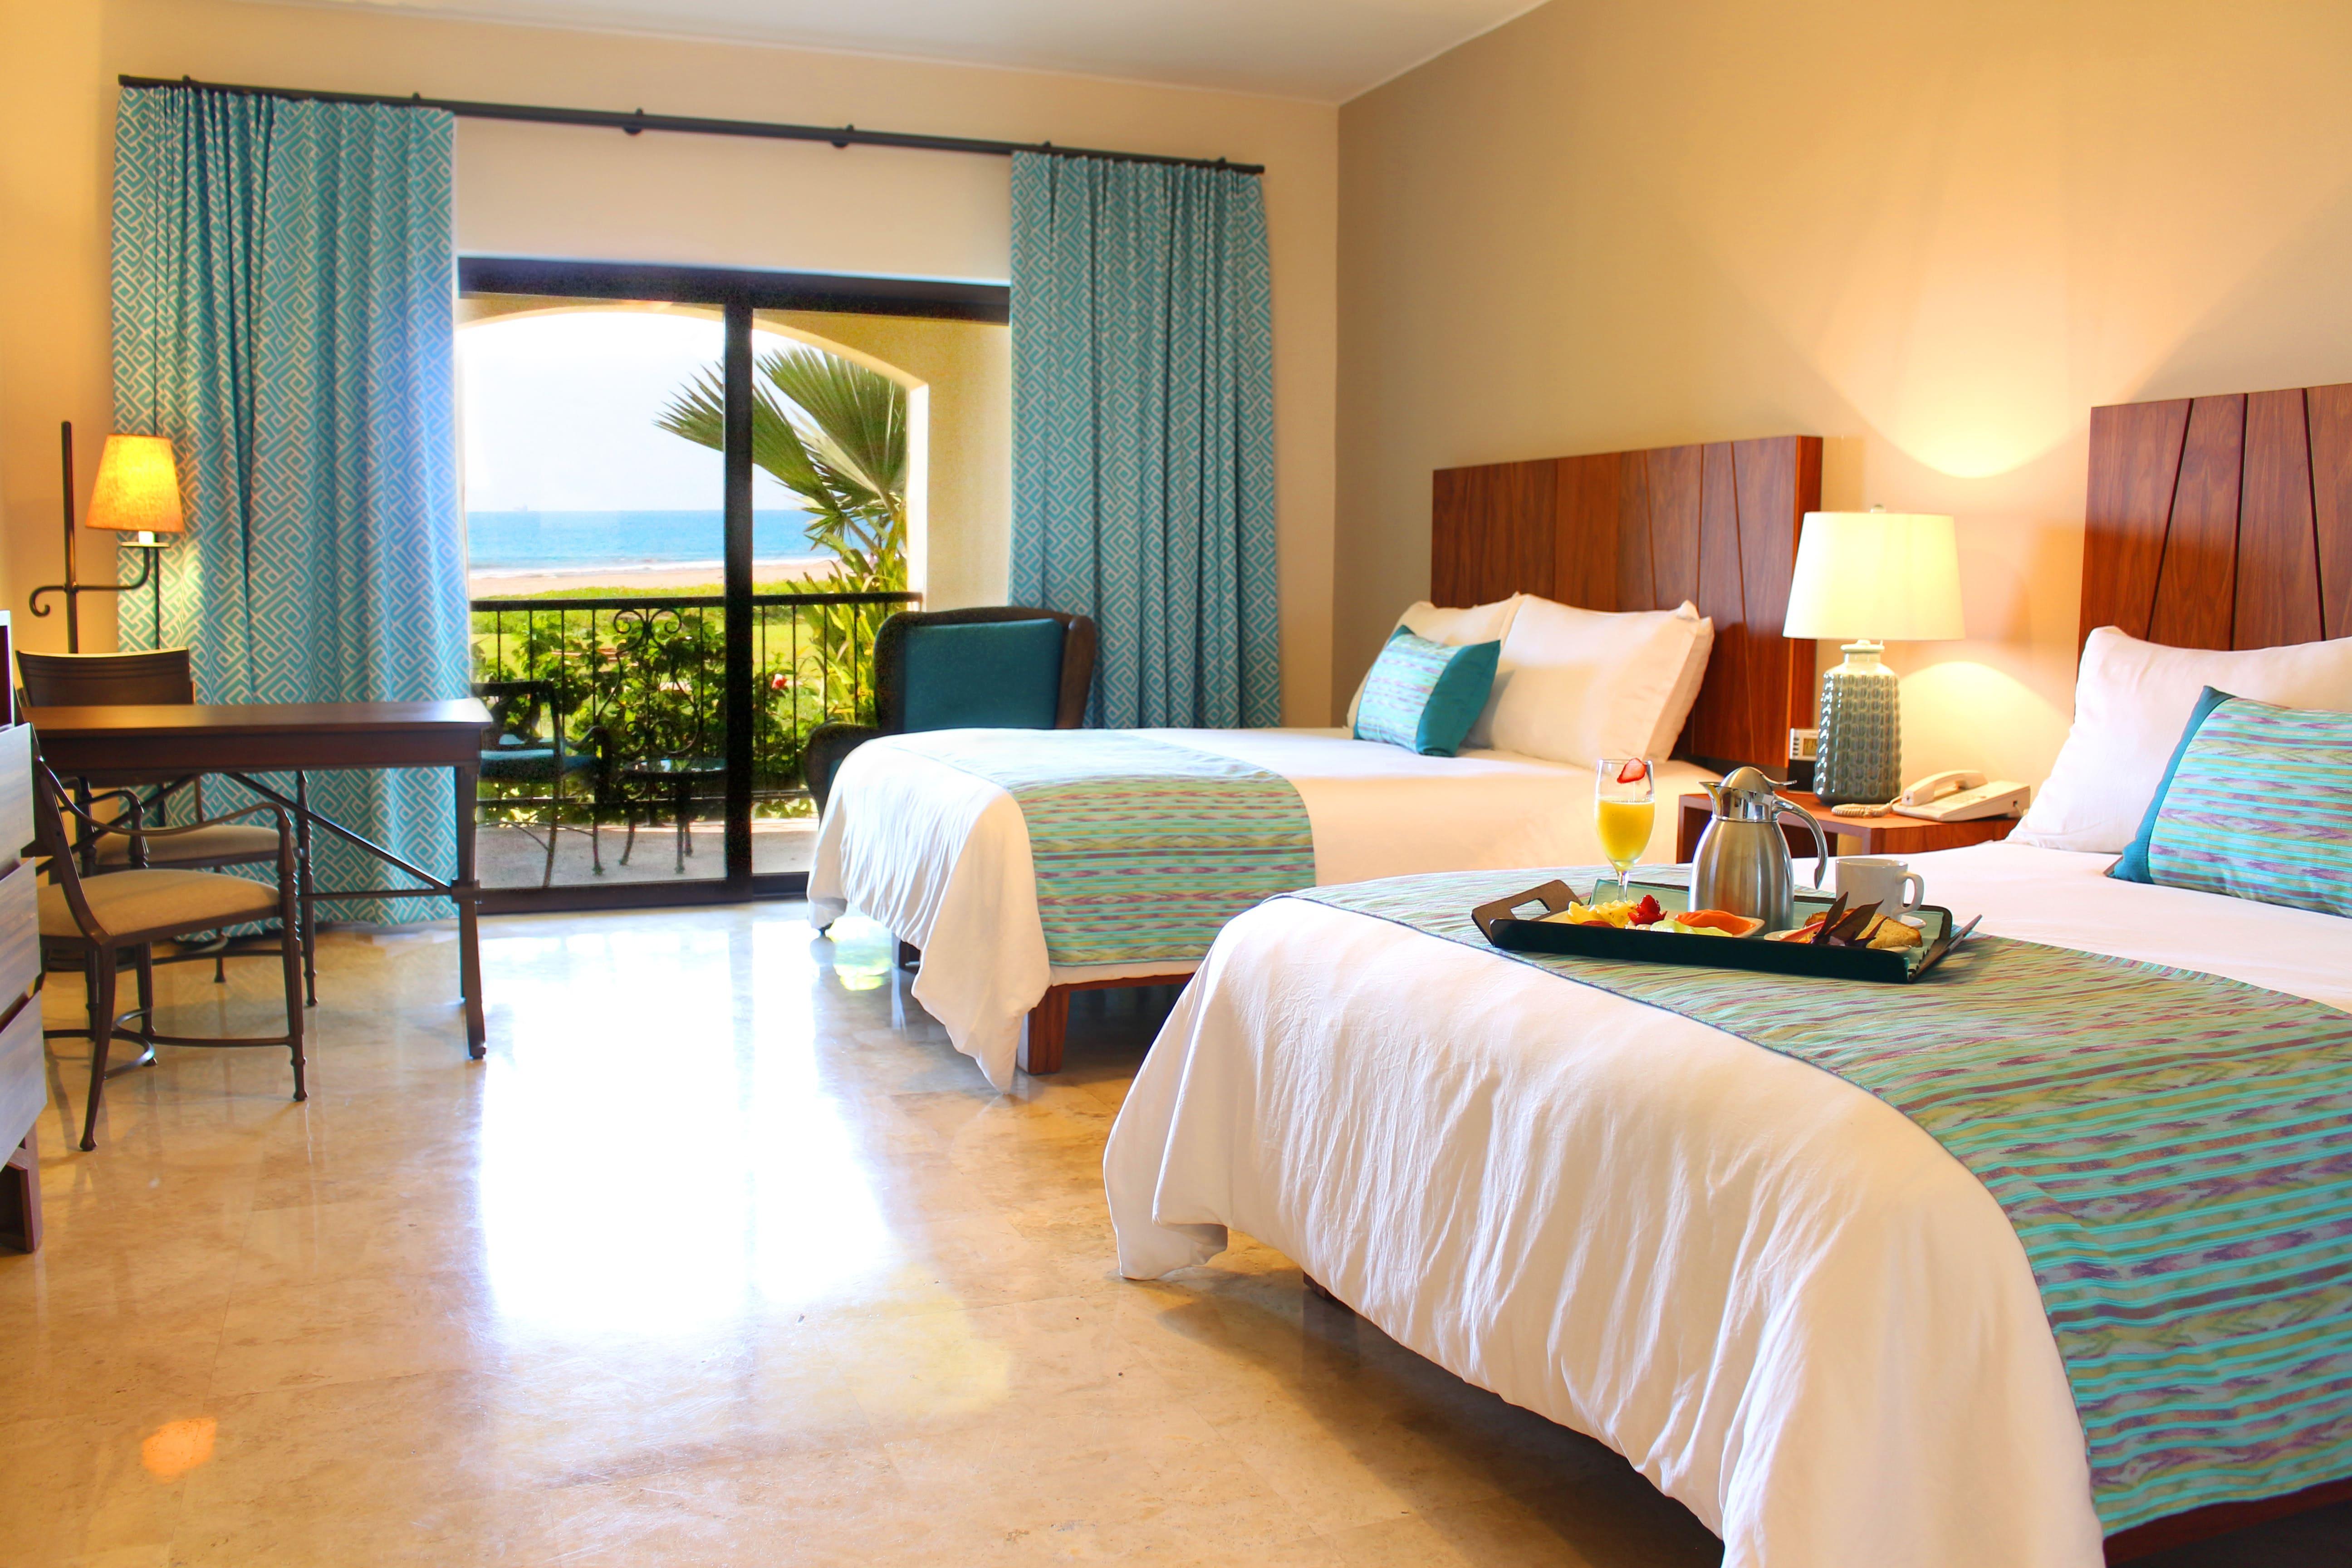 Paquete estrella del mar resort mazatlan paquetes for Paquete familiar en un hotel